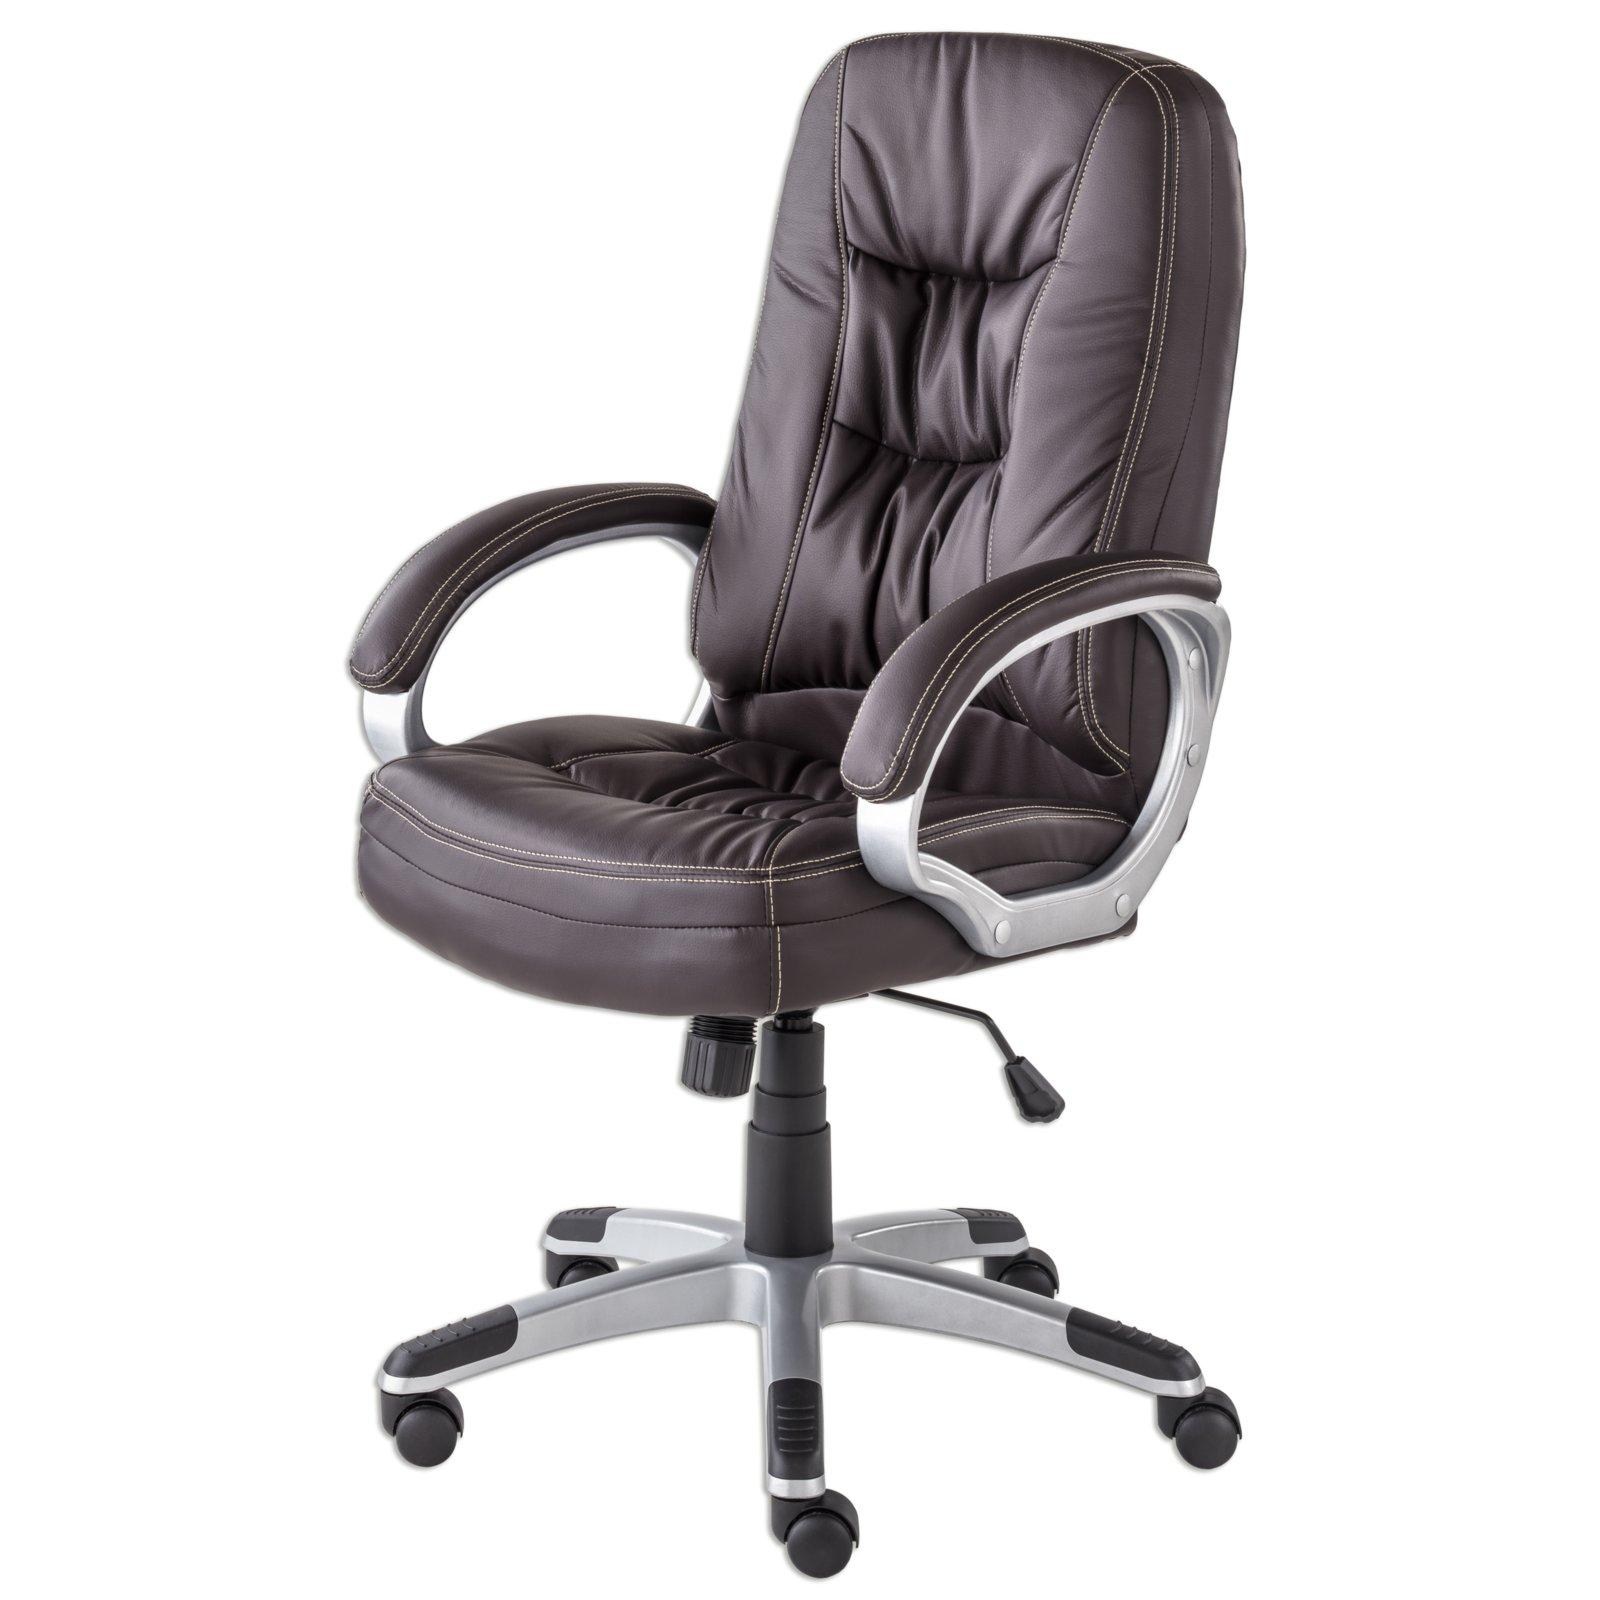 Schreibtischstühle & Bürostühle » Jetzt günstig bei ROLLER